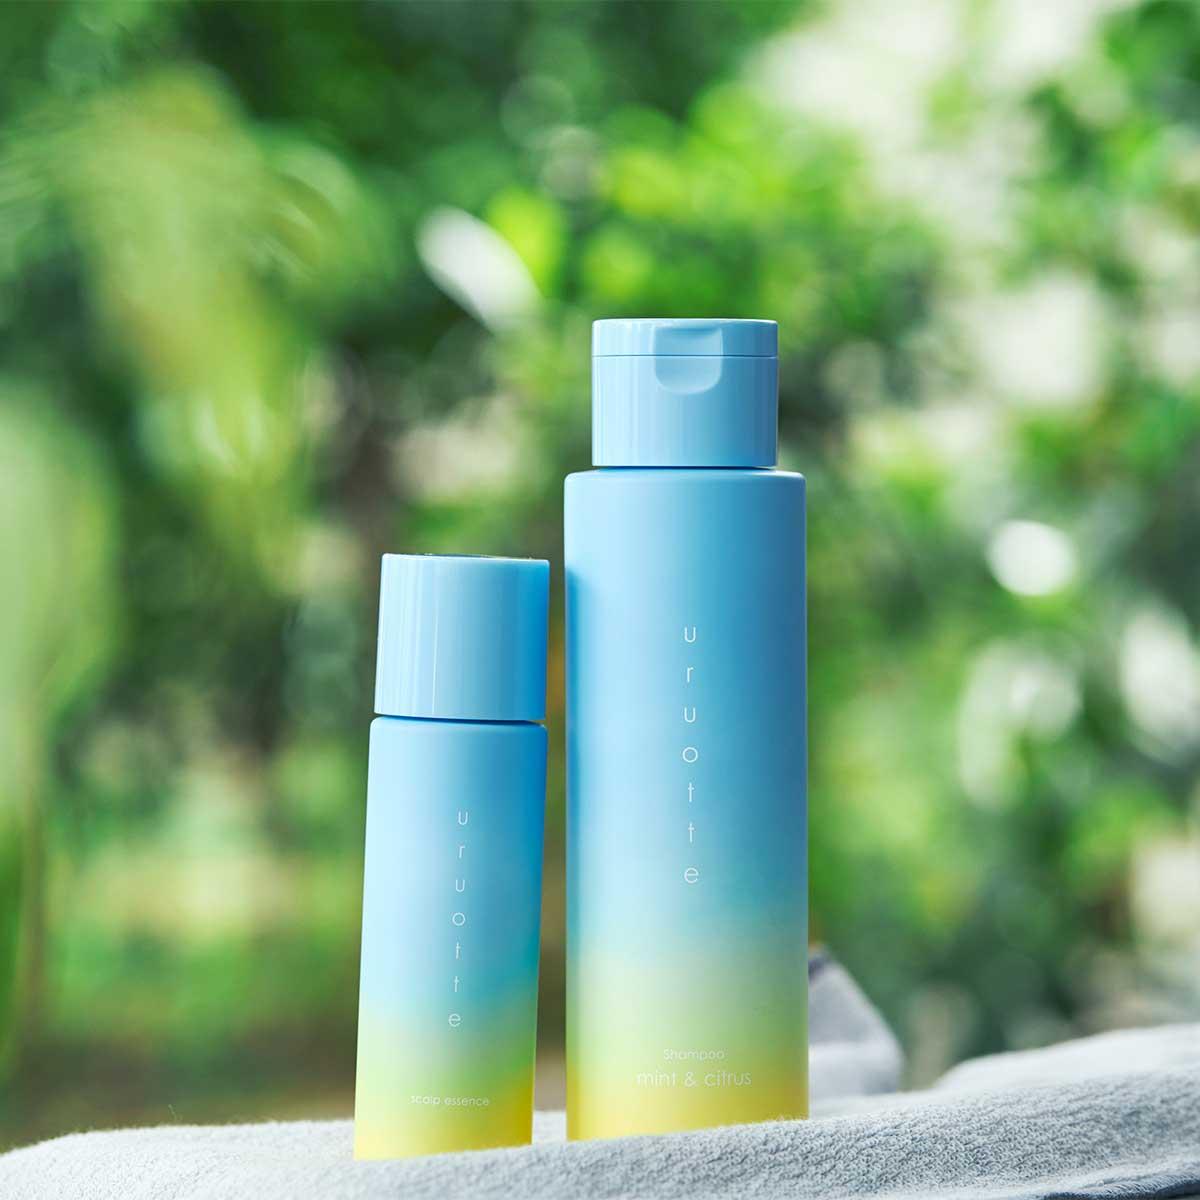 悩み多き夏の頭皮を、一瞬で快適にしてくれる、夏限定のヘアケア・アイテム|『uruotte(ウルオッテ)』のナチュラルシャンプー「ミント&シトラス」とハーバルエッセンス「爽」(薬用育毛料・医薬部外品)